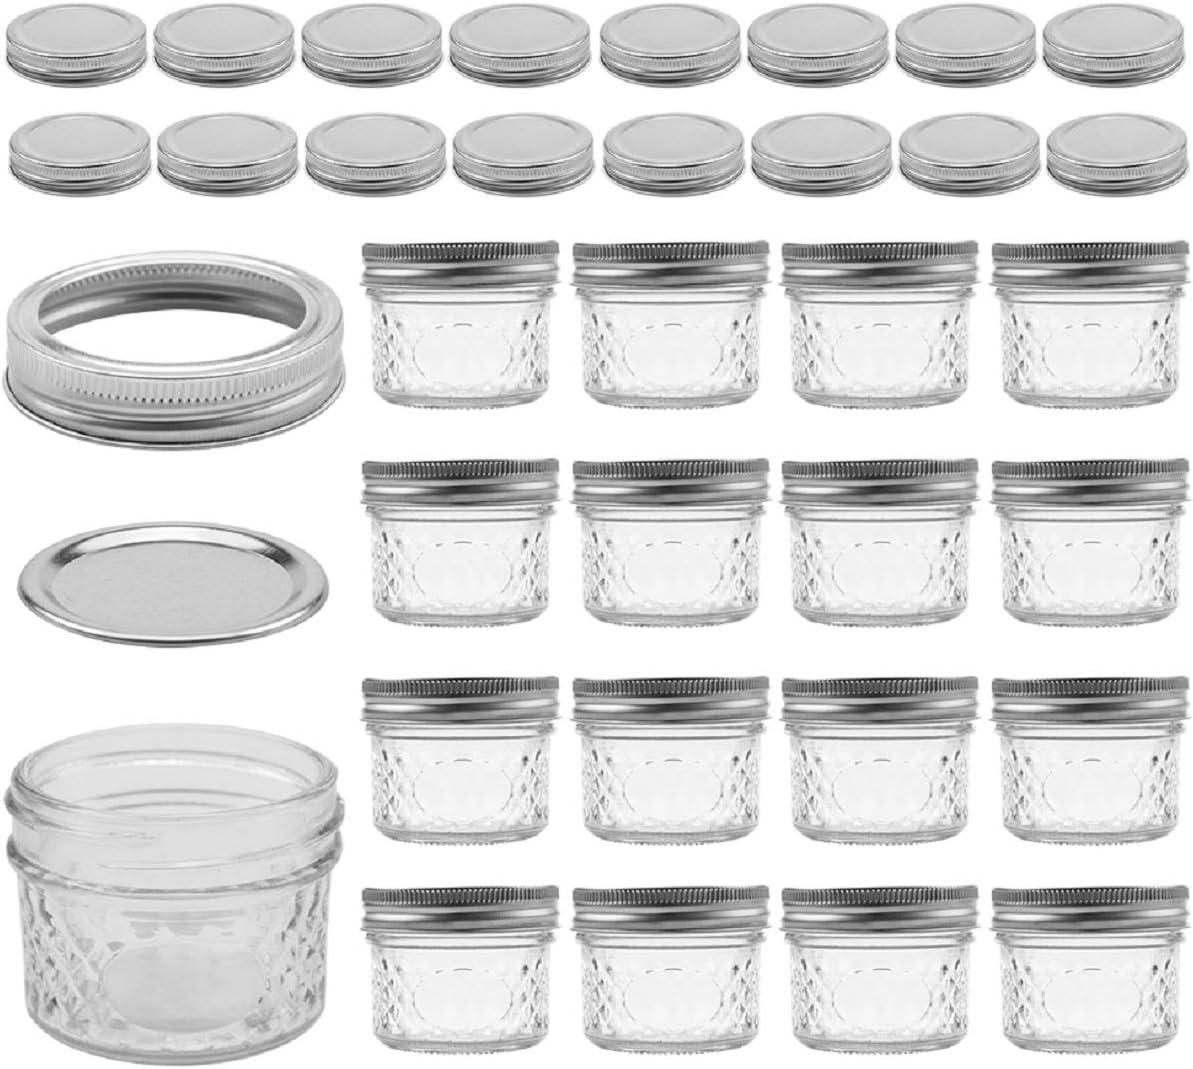 16 tapas extra 40 etiquetas de pizarra incluidas Tebery 16 tarros de conserva de 4 onzas con tapas y bandas regulares